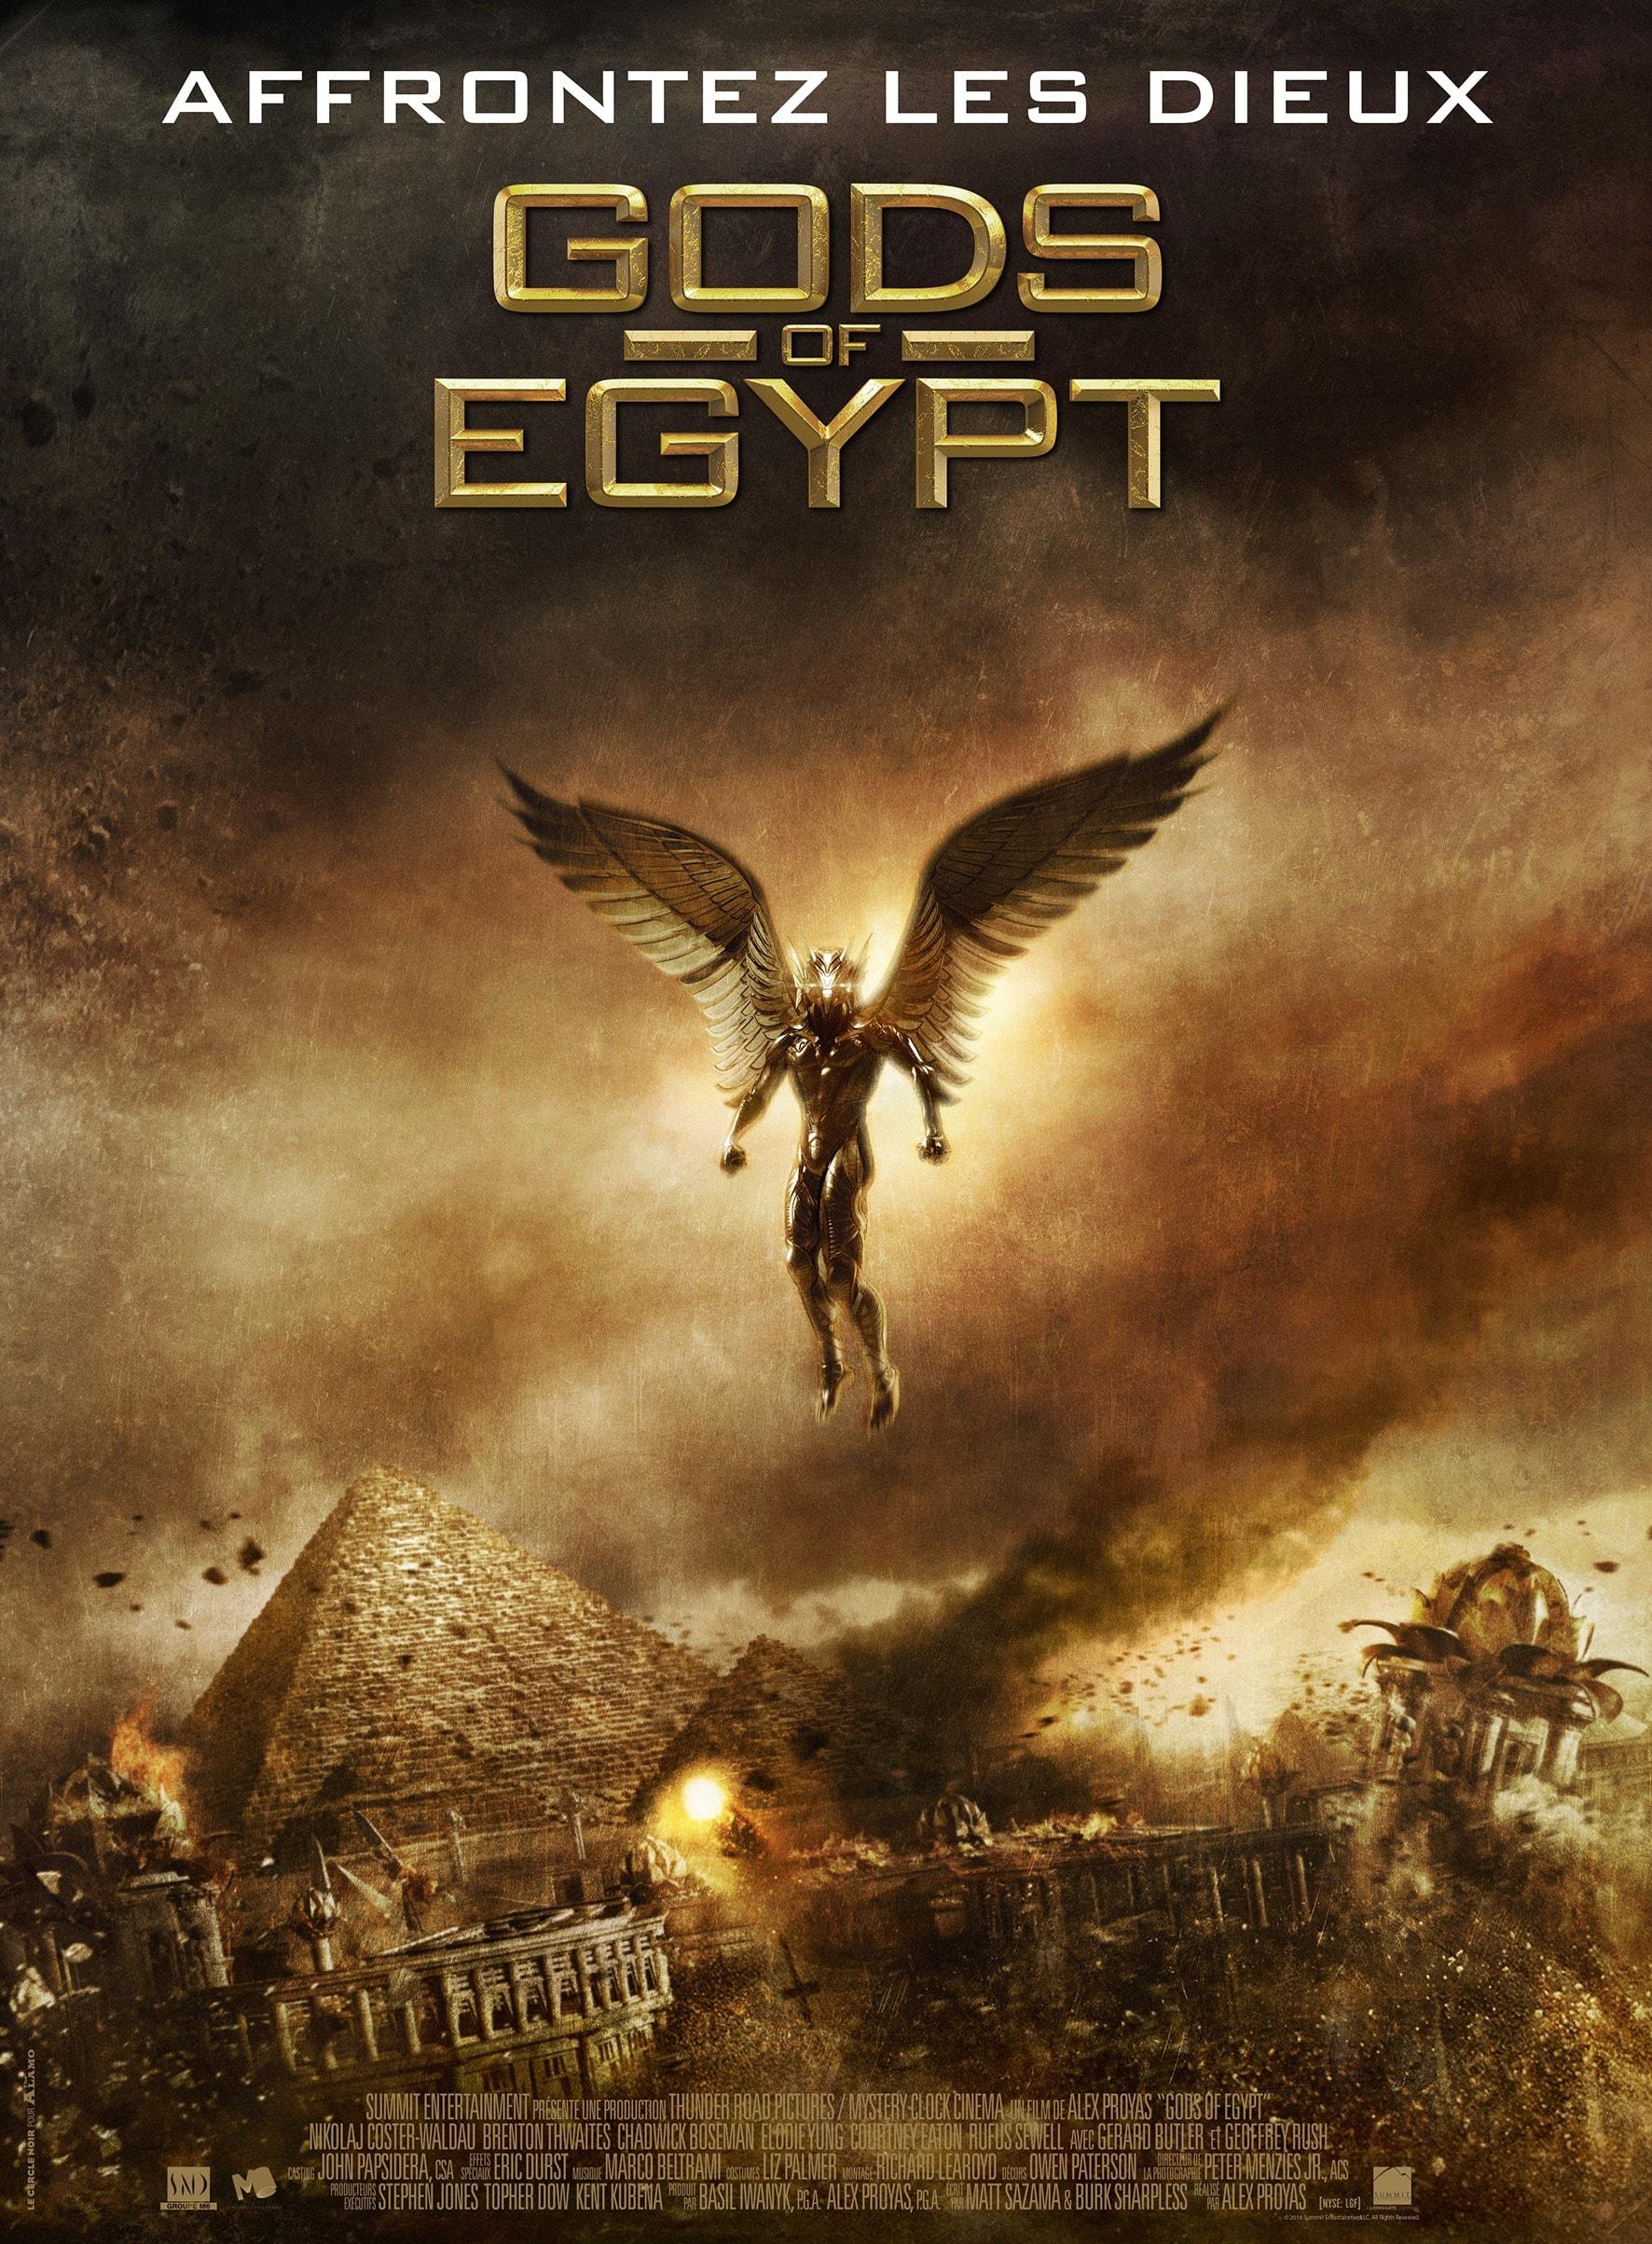 Gods of Egypt for mobile